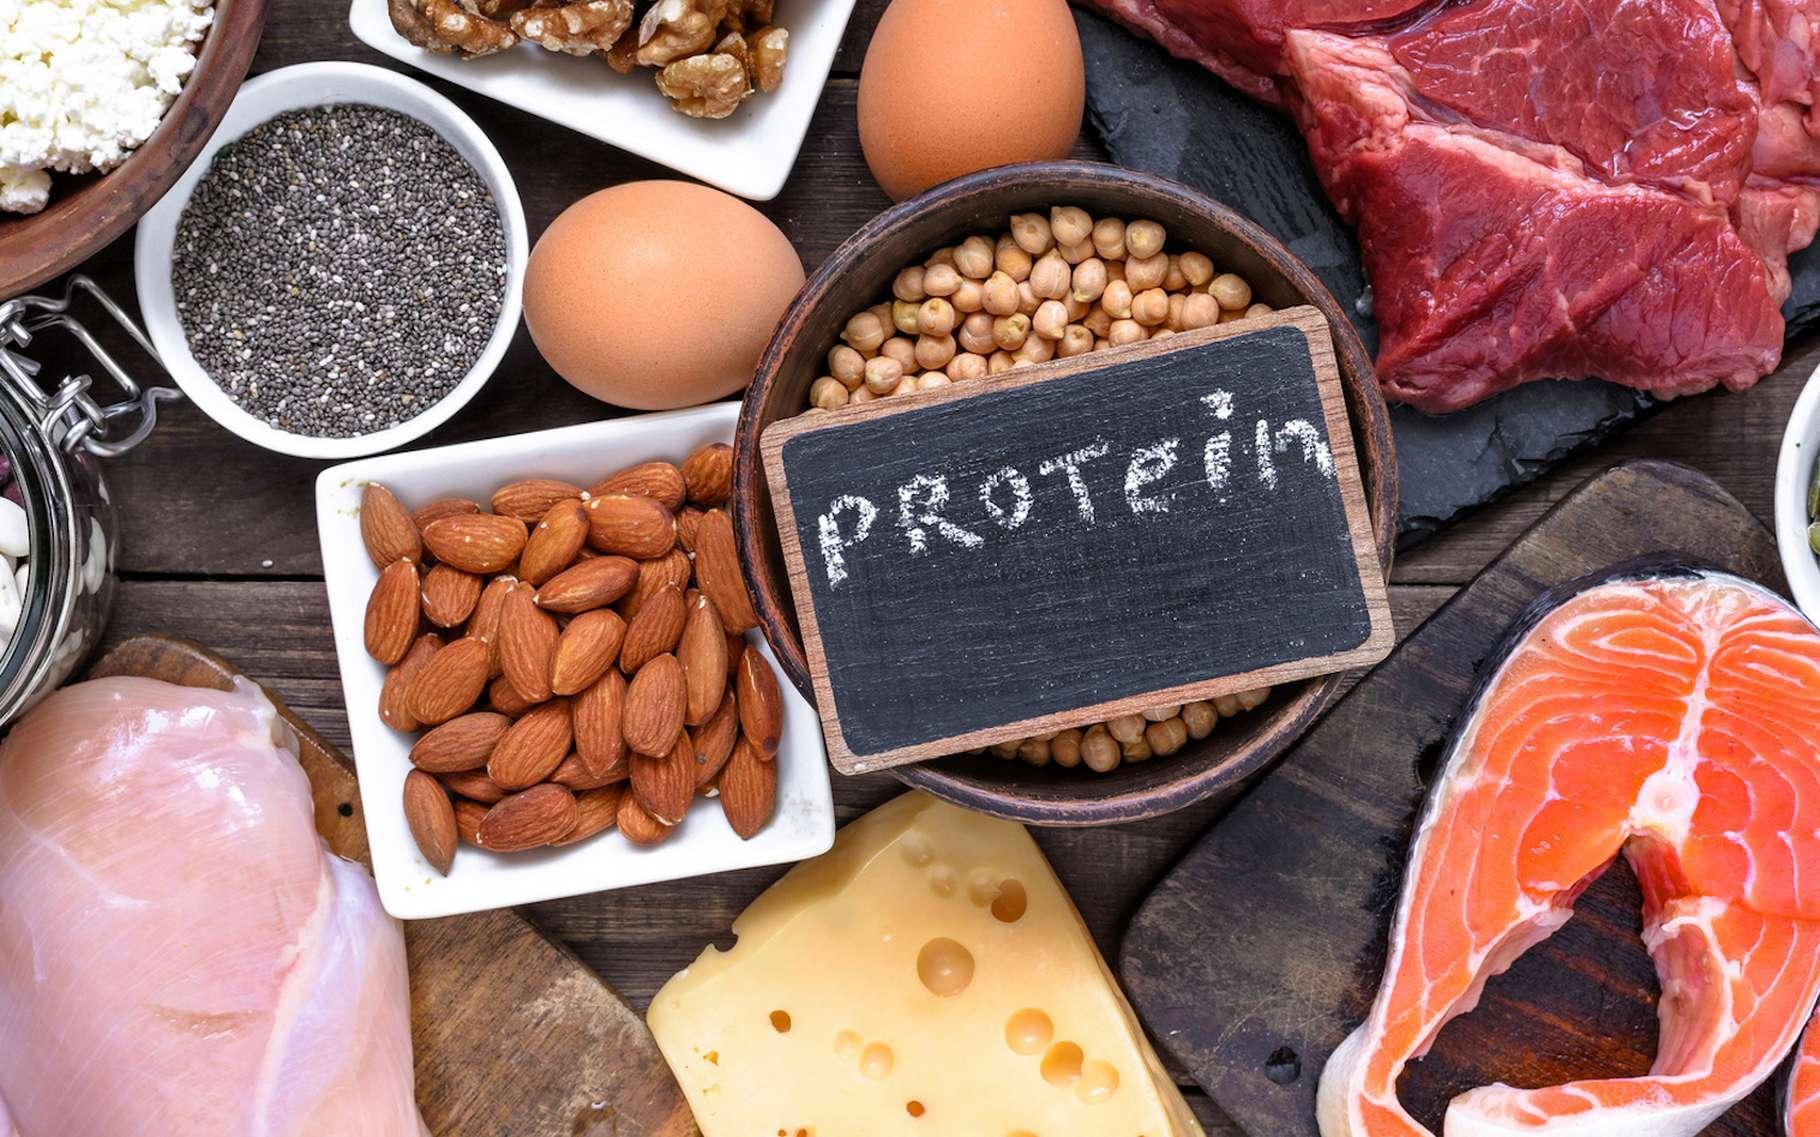 Des expériences menées sur des vers, des mouches et des cellules humaines montrent qu'un régime hyperprotéiné a pour effet de doper la production de protéines par notre organisme et, malheureusement, la production de protéines défectueuses, dangereuses pour notre santé. © samael334, Fotolia